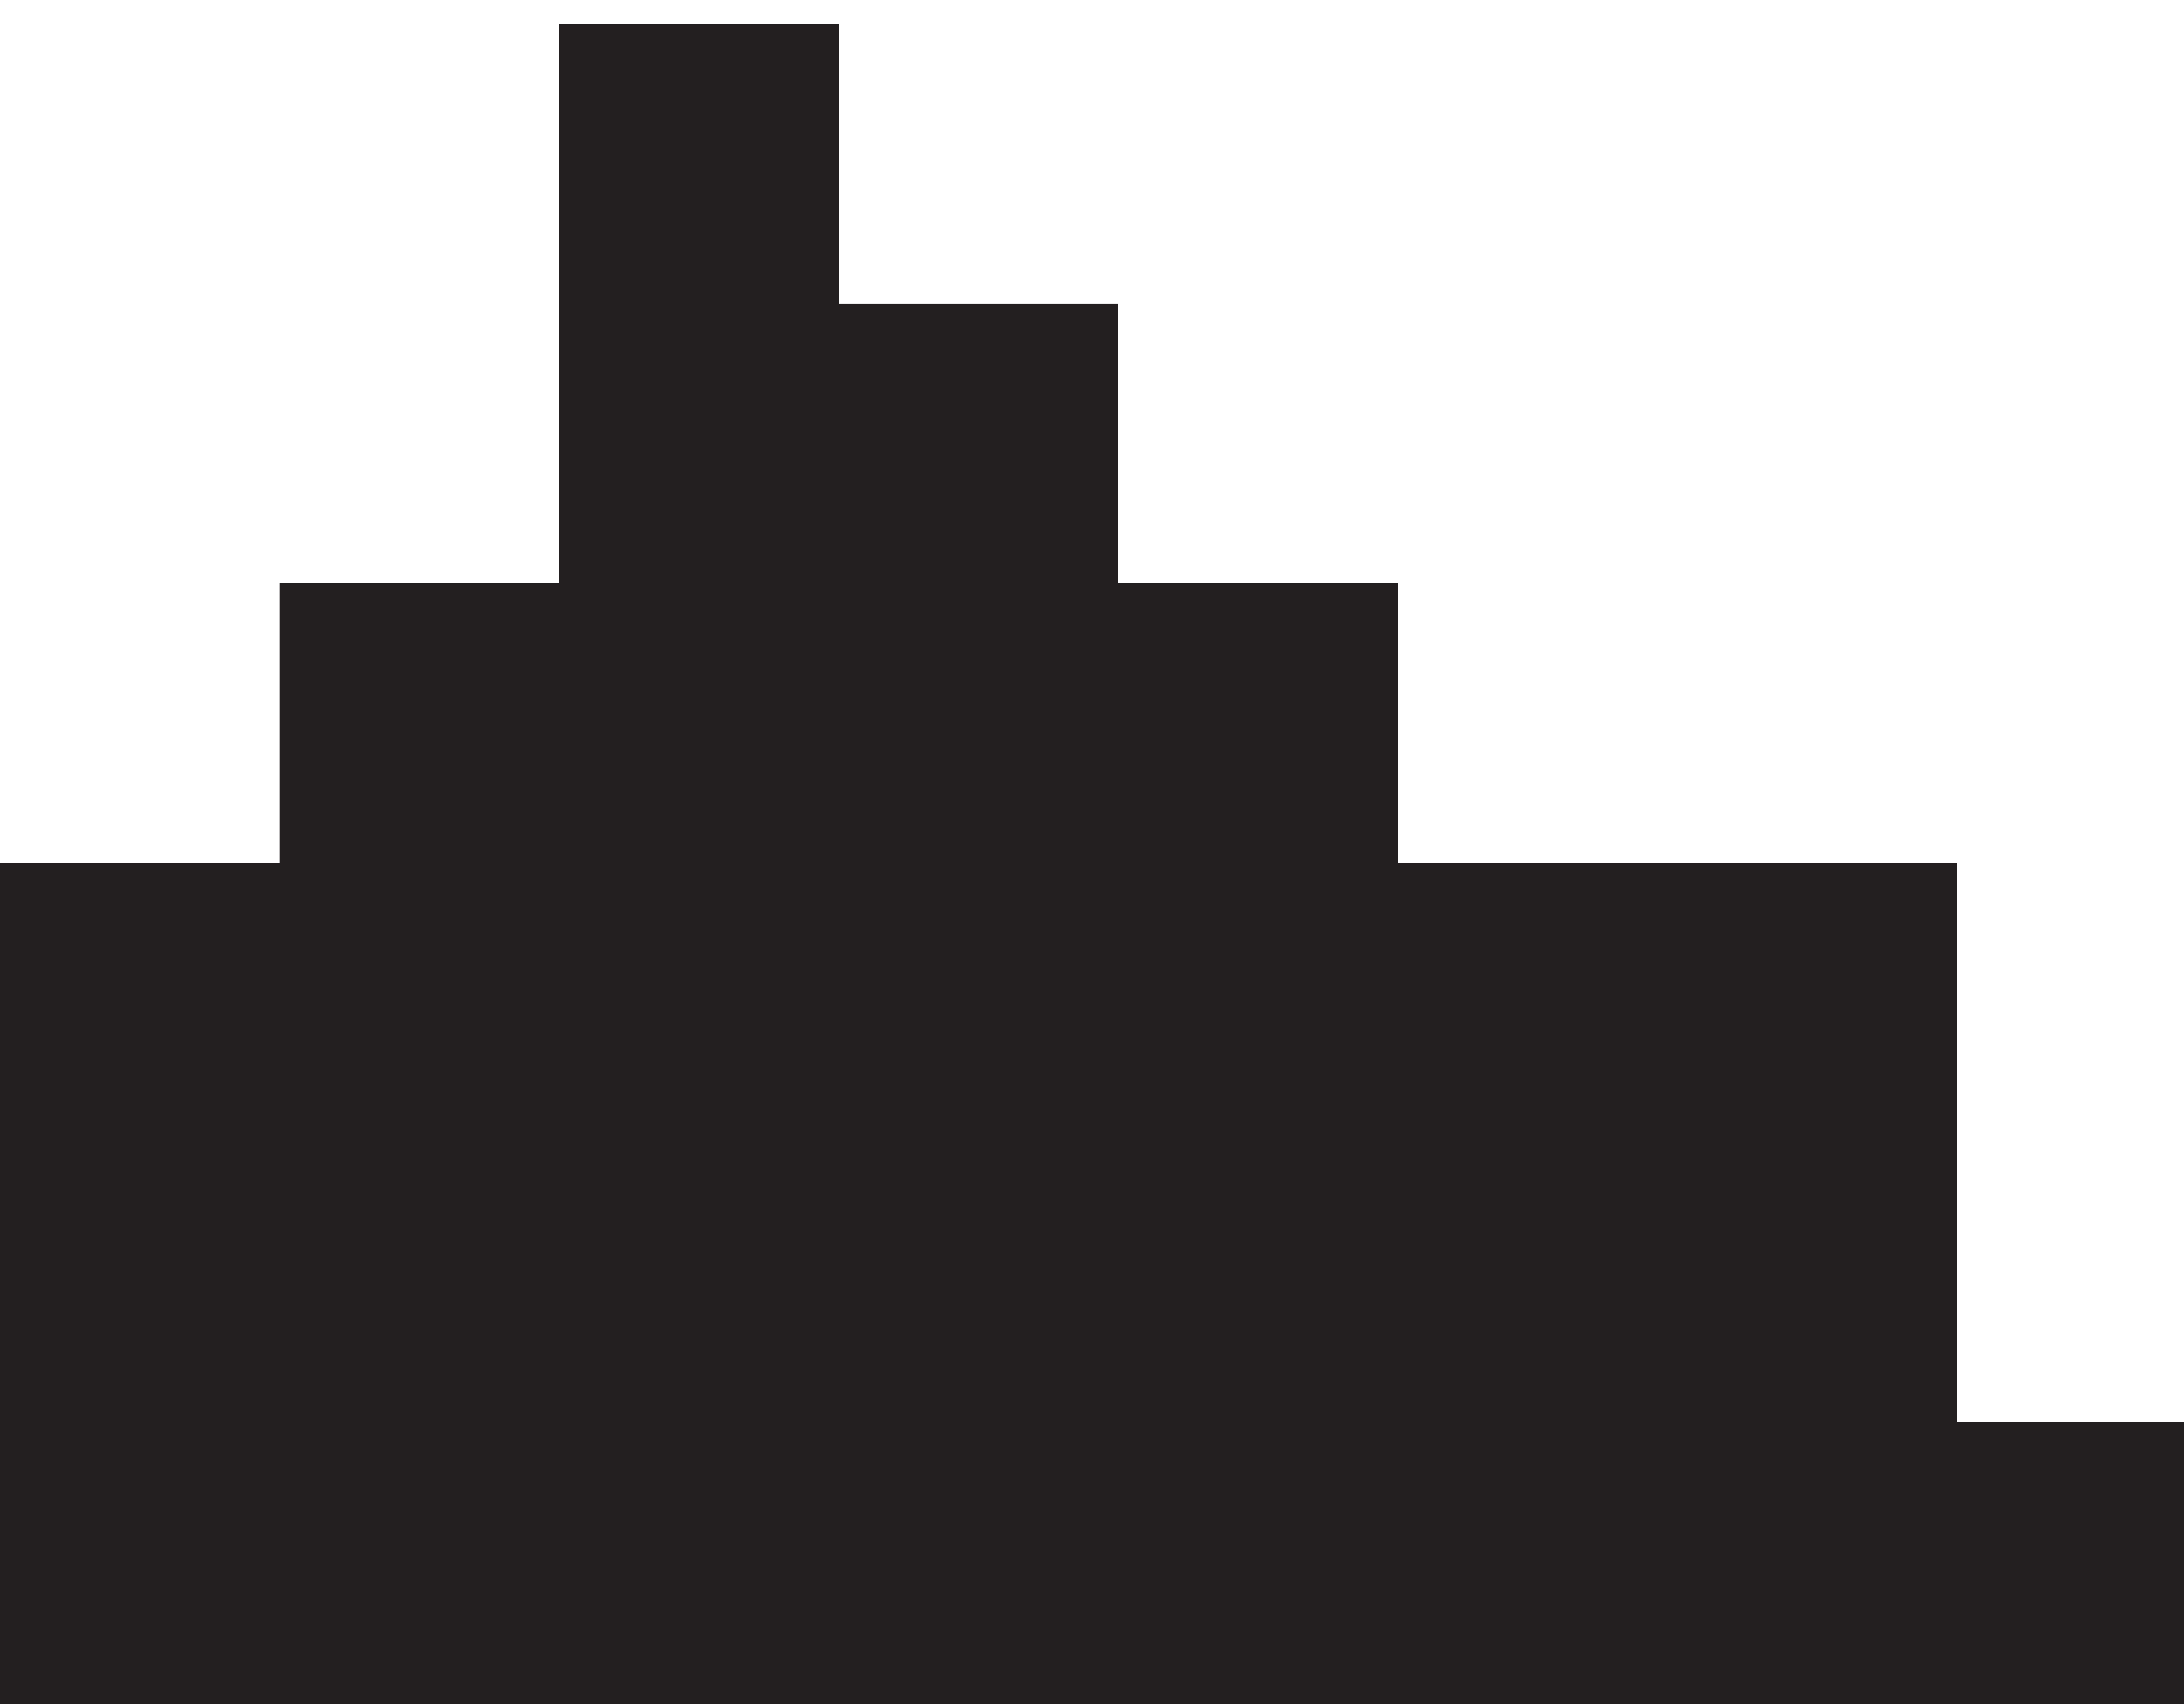 Palace clipart silhouette. Castle png clip art